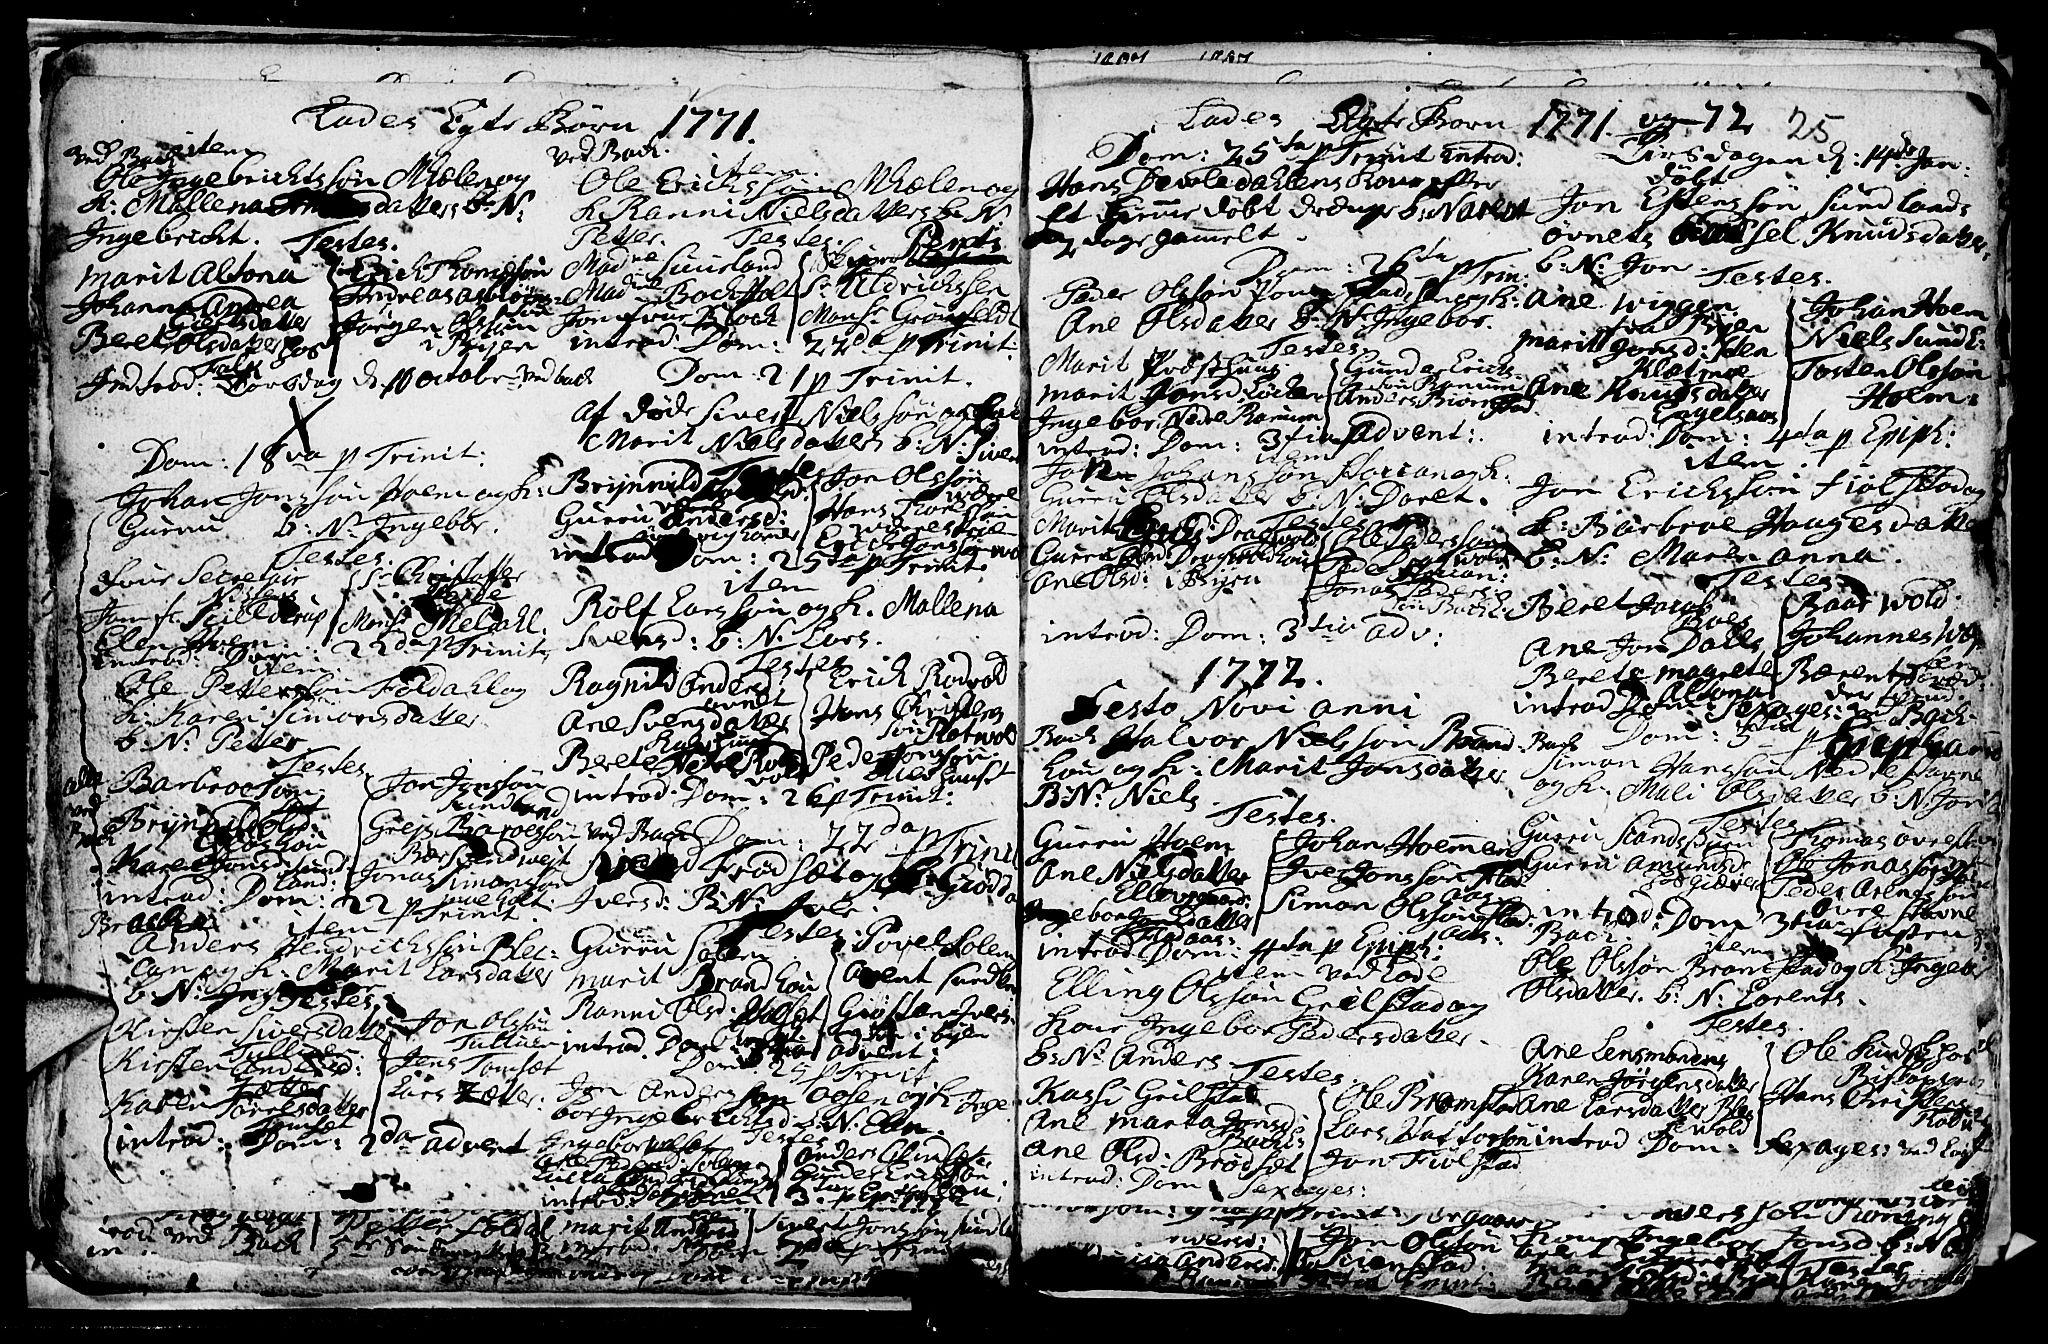 SAT, Ministerialprotokoller, klokkerbøker og fødselsregistre - Sør-Trøndelag, 606/L0305: Klokkerbok nr. 606C01, 1757-1819, s. 25